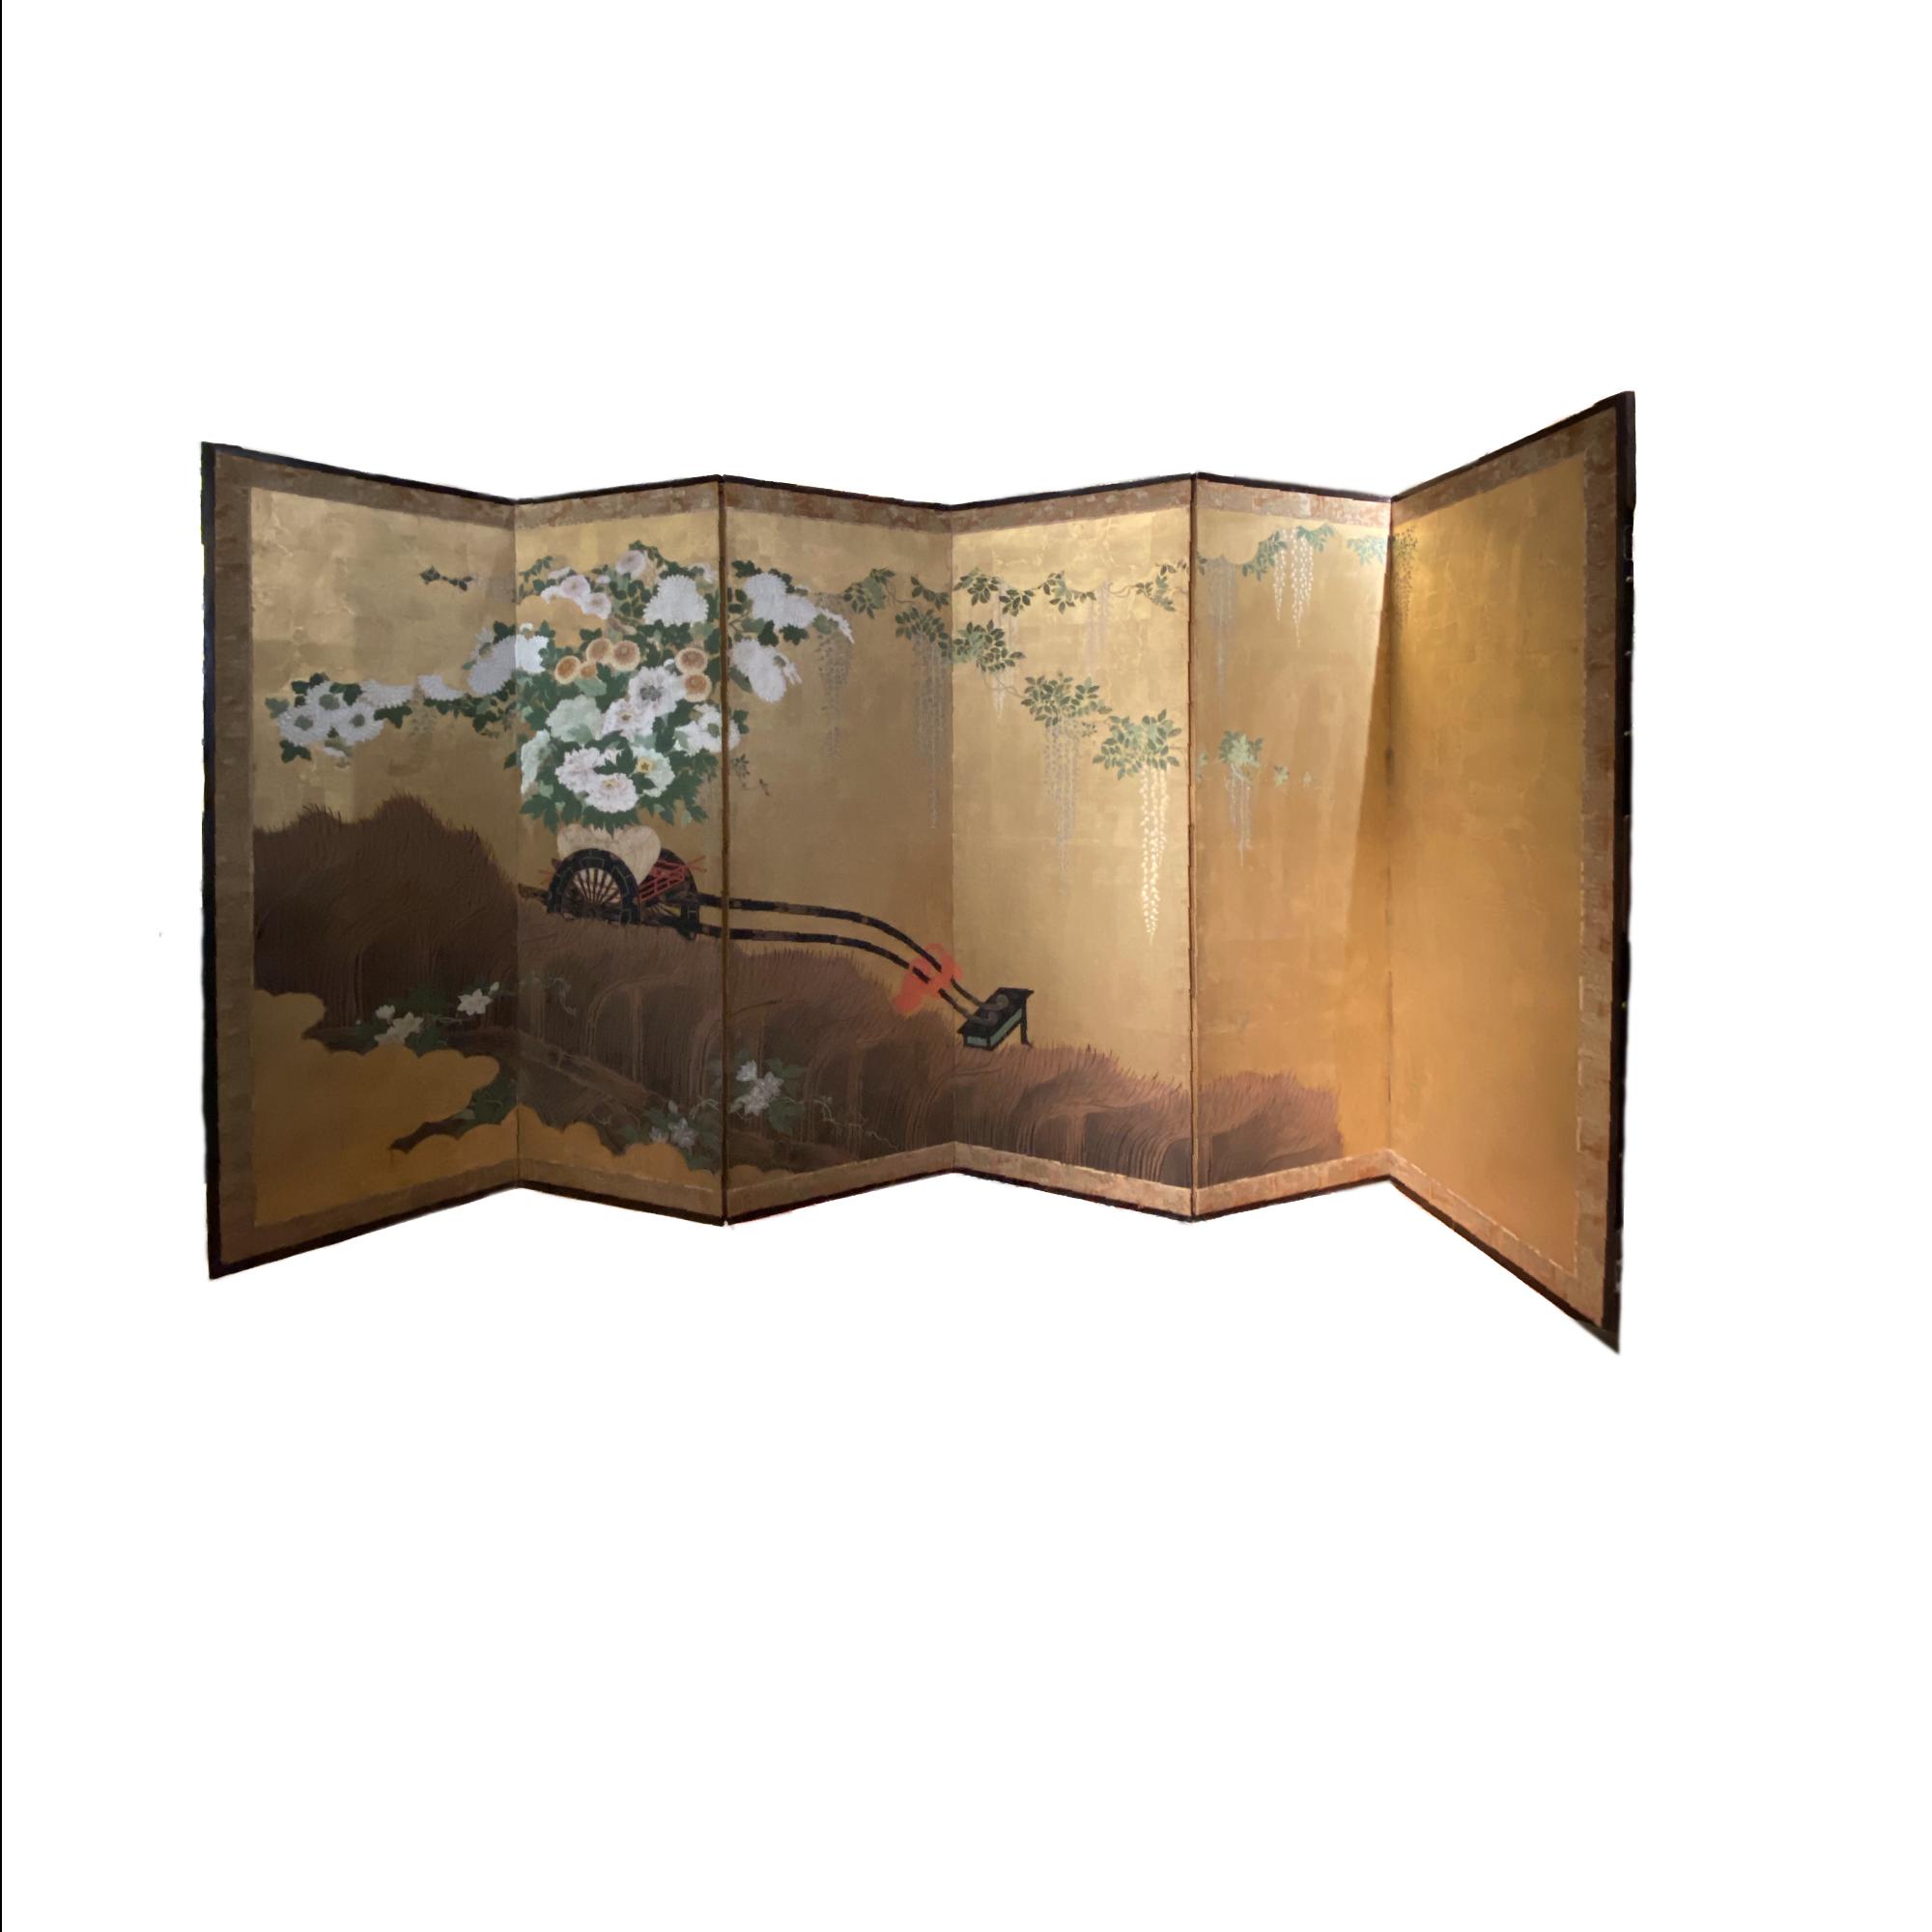 Japon, paravent avec un chariot portant un panier de fleurs, période Edo, XVIIIe siècle.